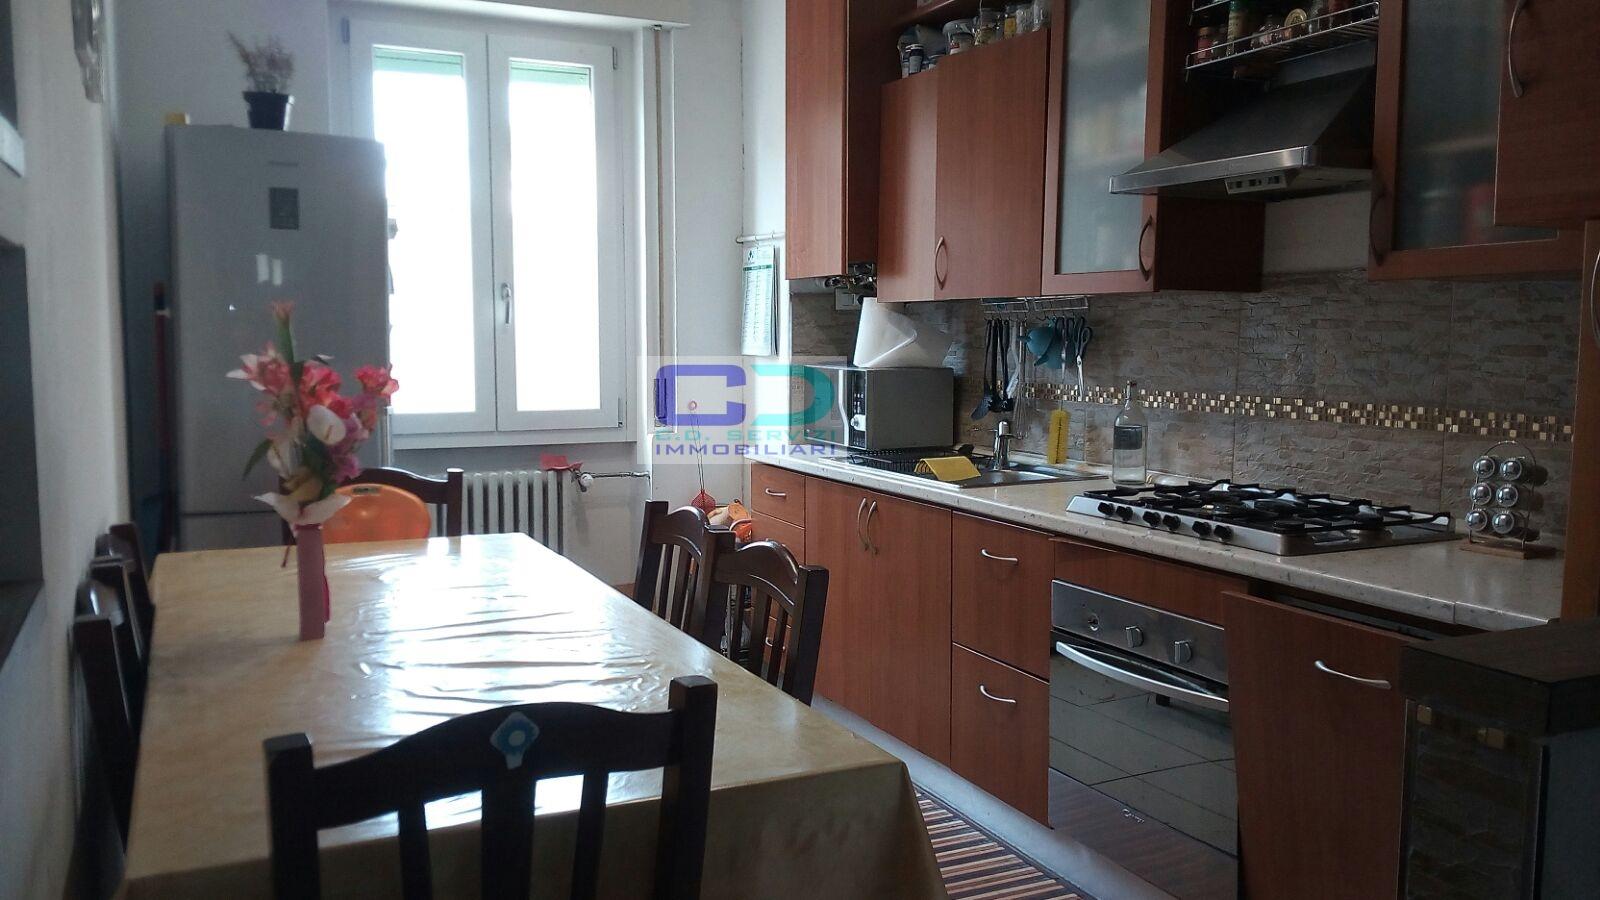 Appartamento in vendita a Rivolta d'Adda, 2 locali, prezzo € 75.000 | CambioCasa.it